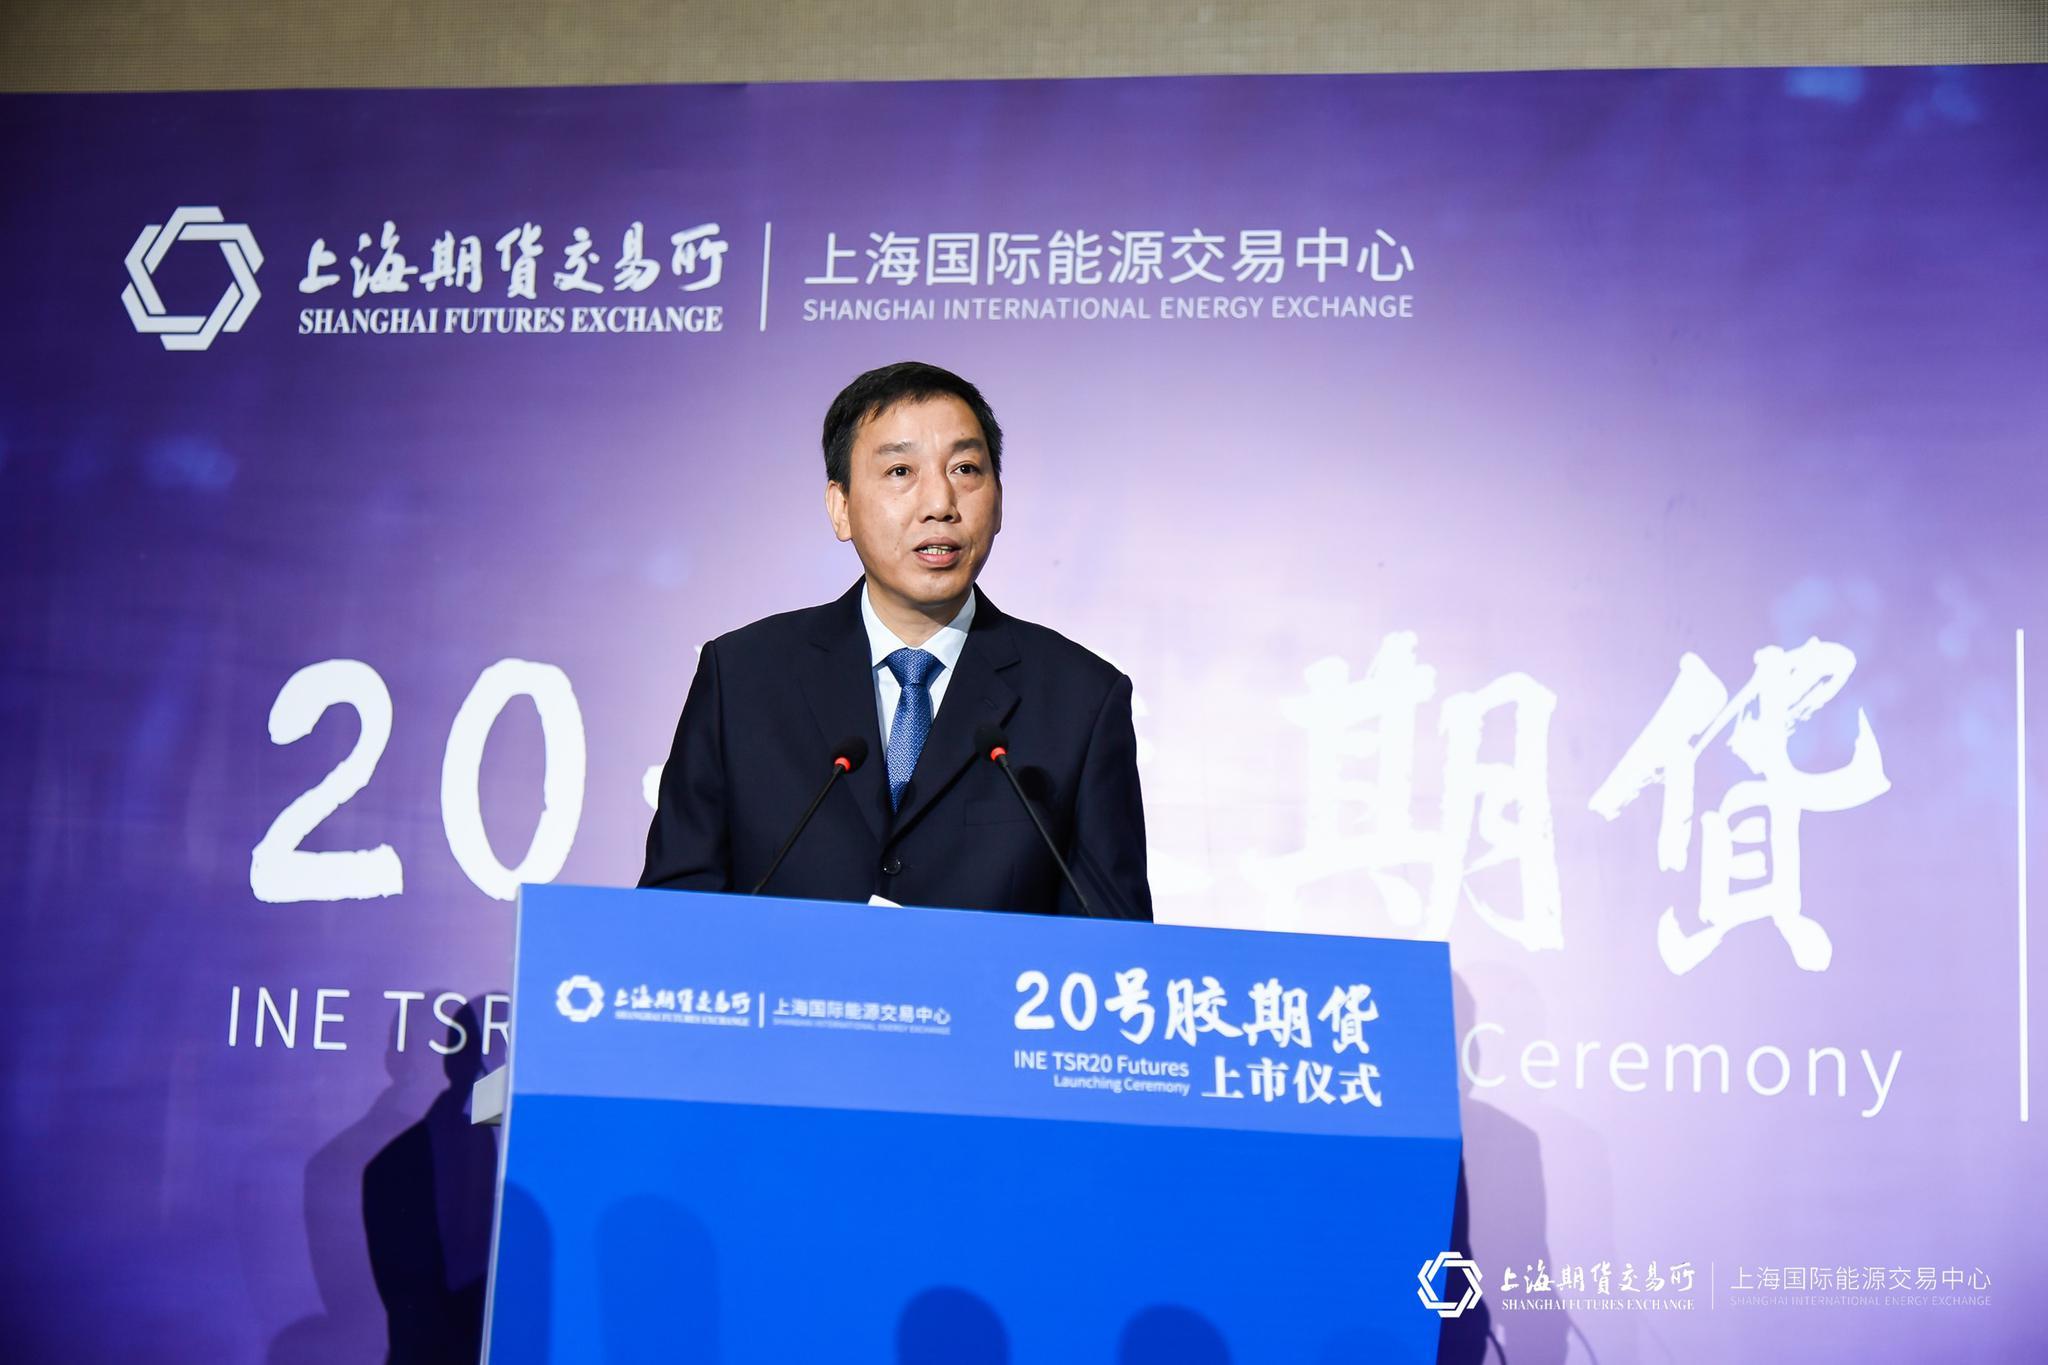 陈鸣波:20号胶期货上市将助力上海建设全球大宗商品定价中心